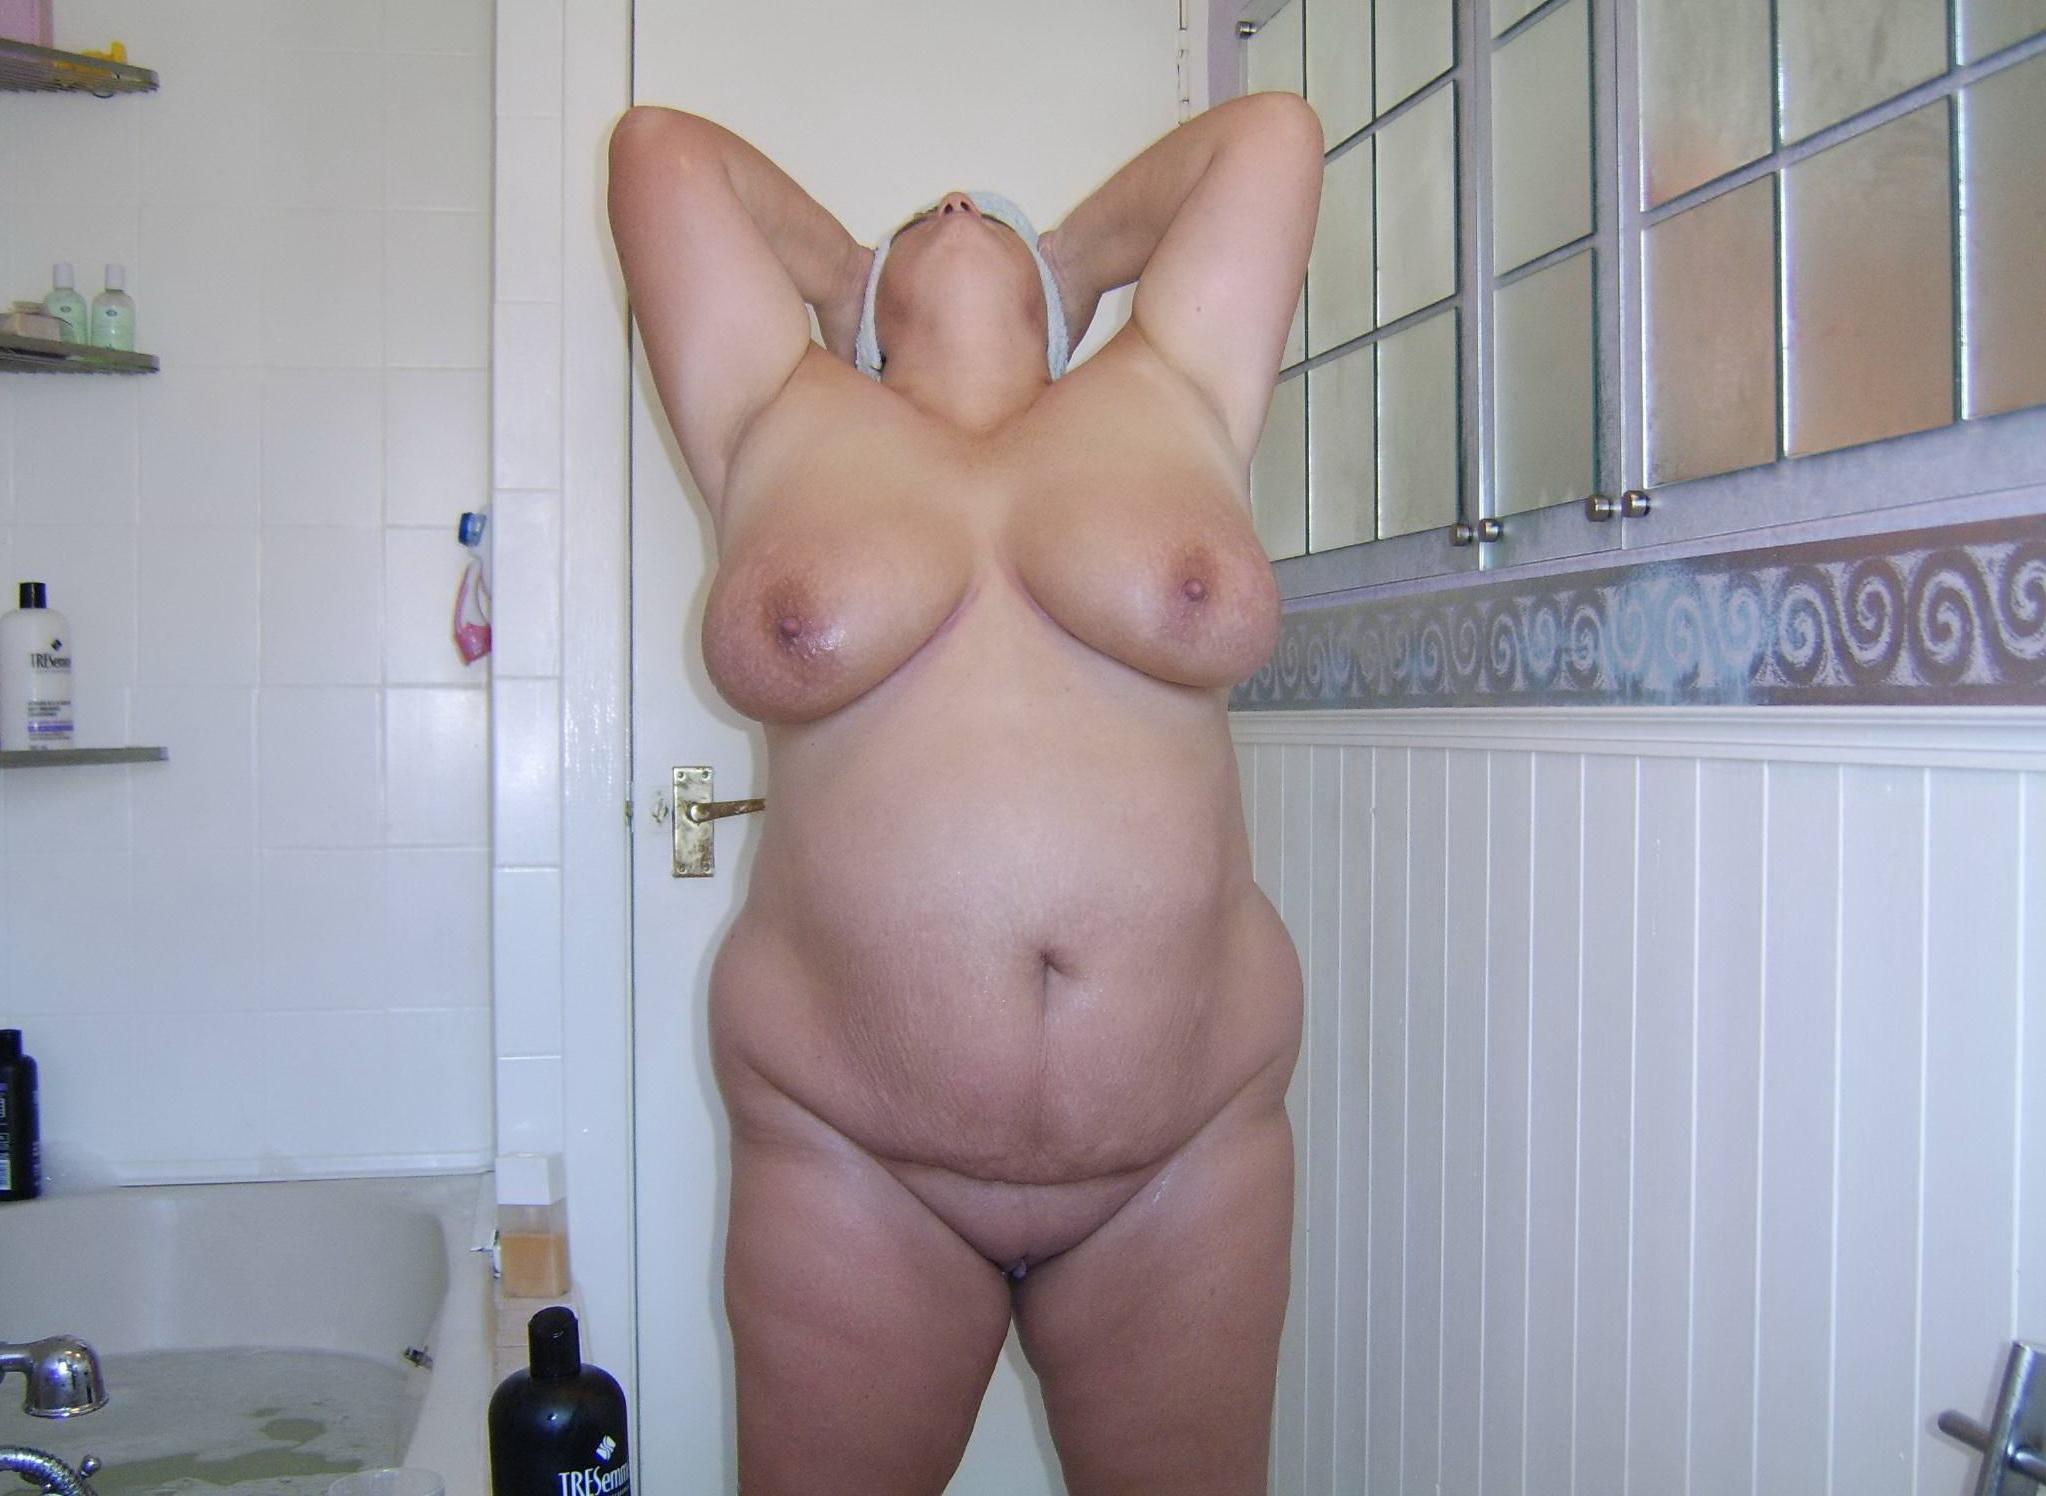 Смотреть фото голых толстушек бесплатно 3 фотография